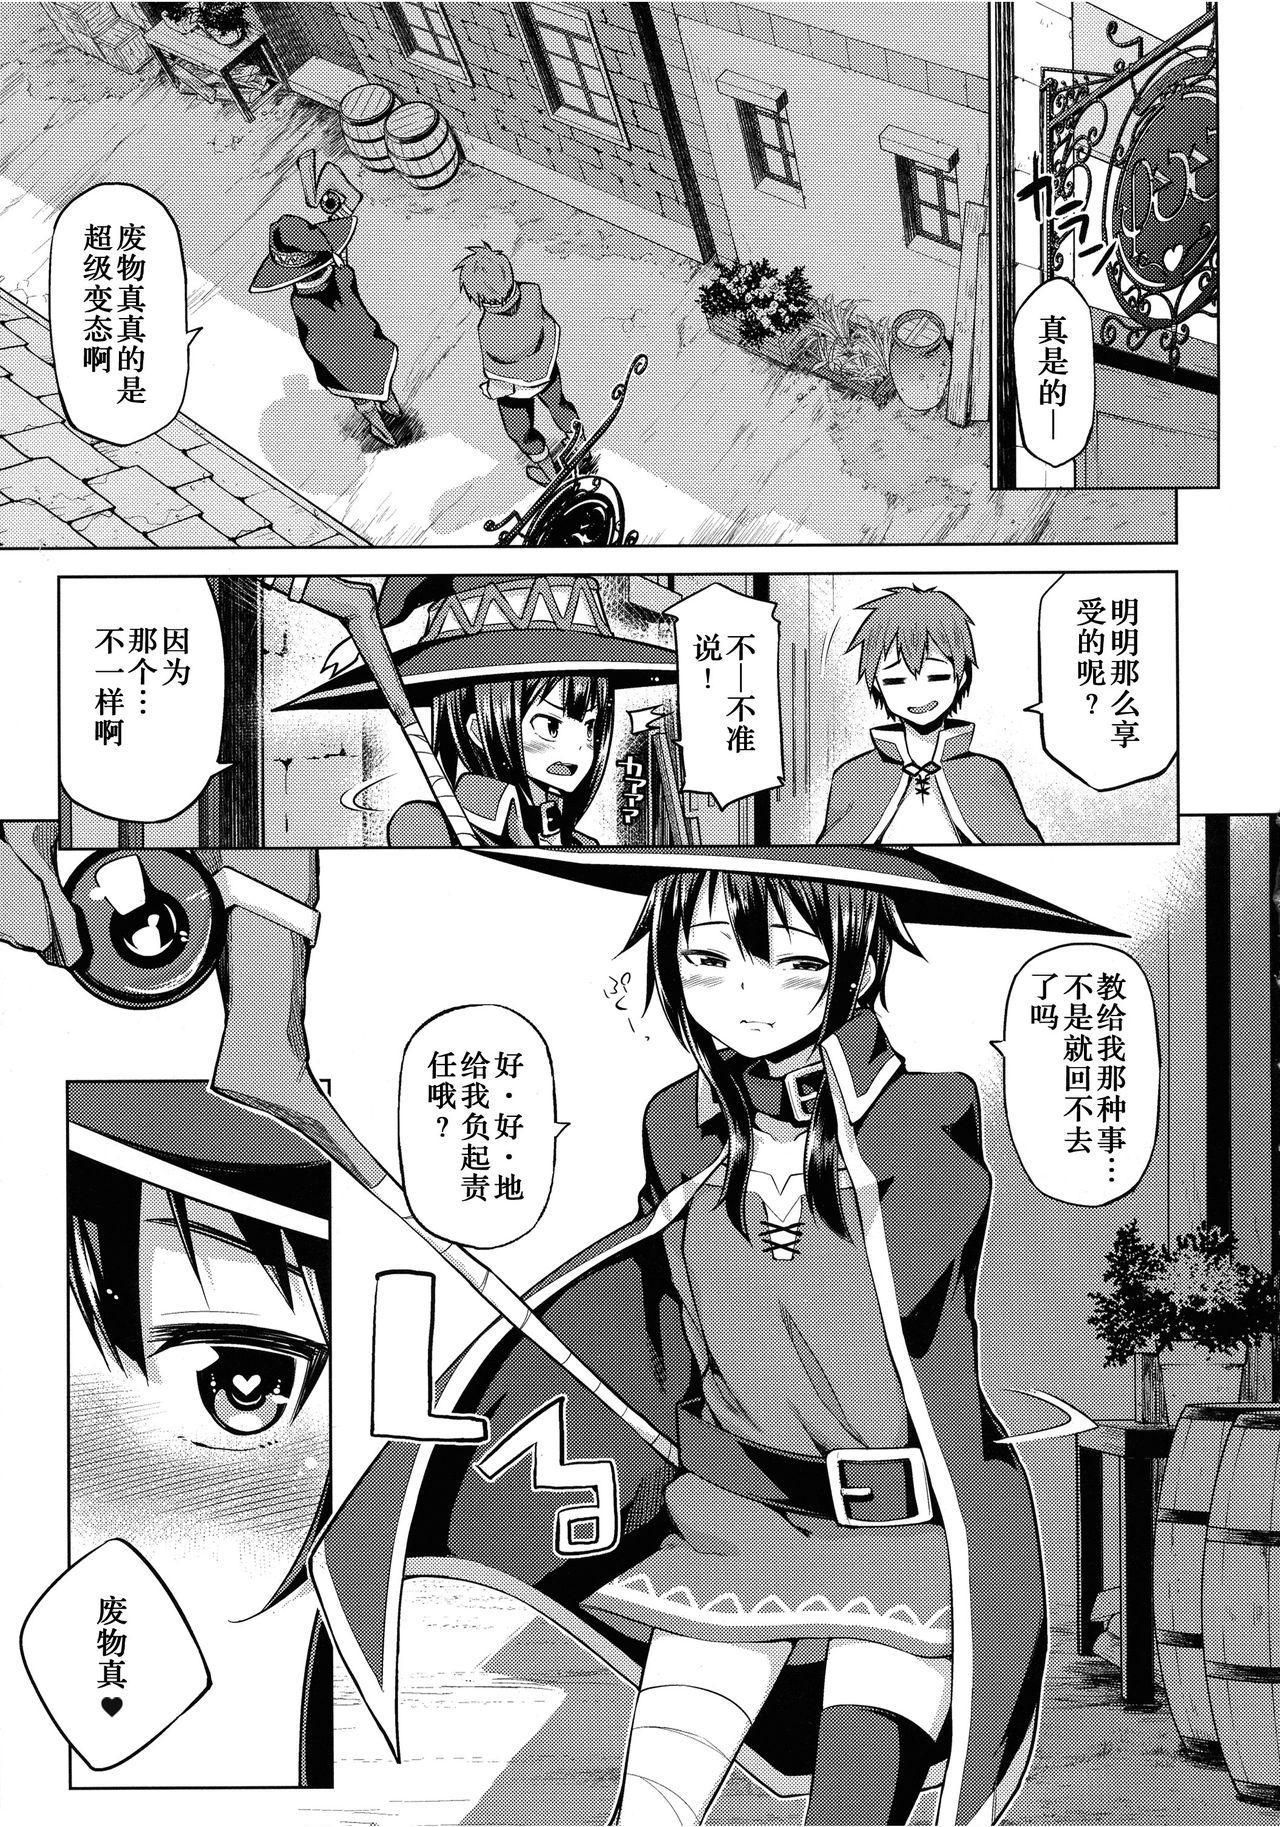 Kono Bakuretsu Musume ni Ecstasy o! 26